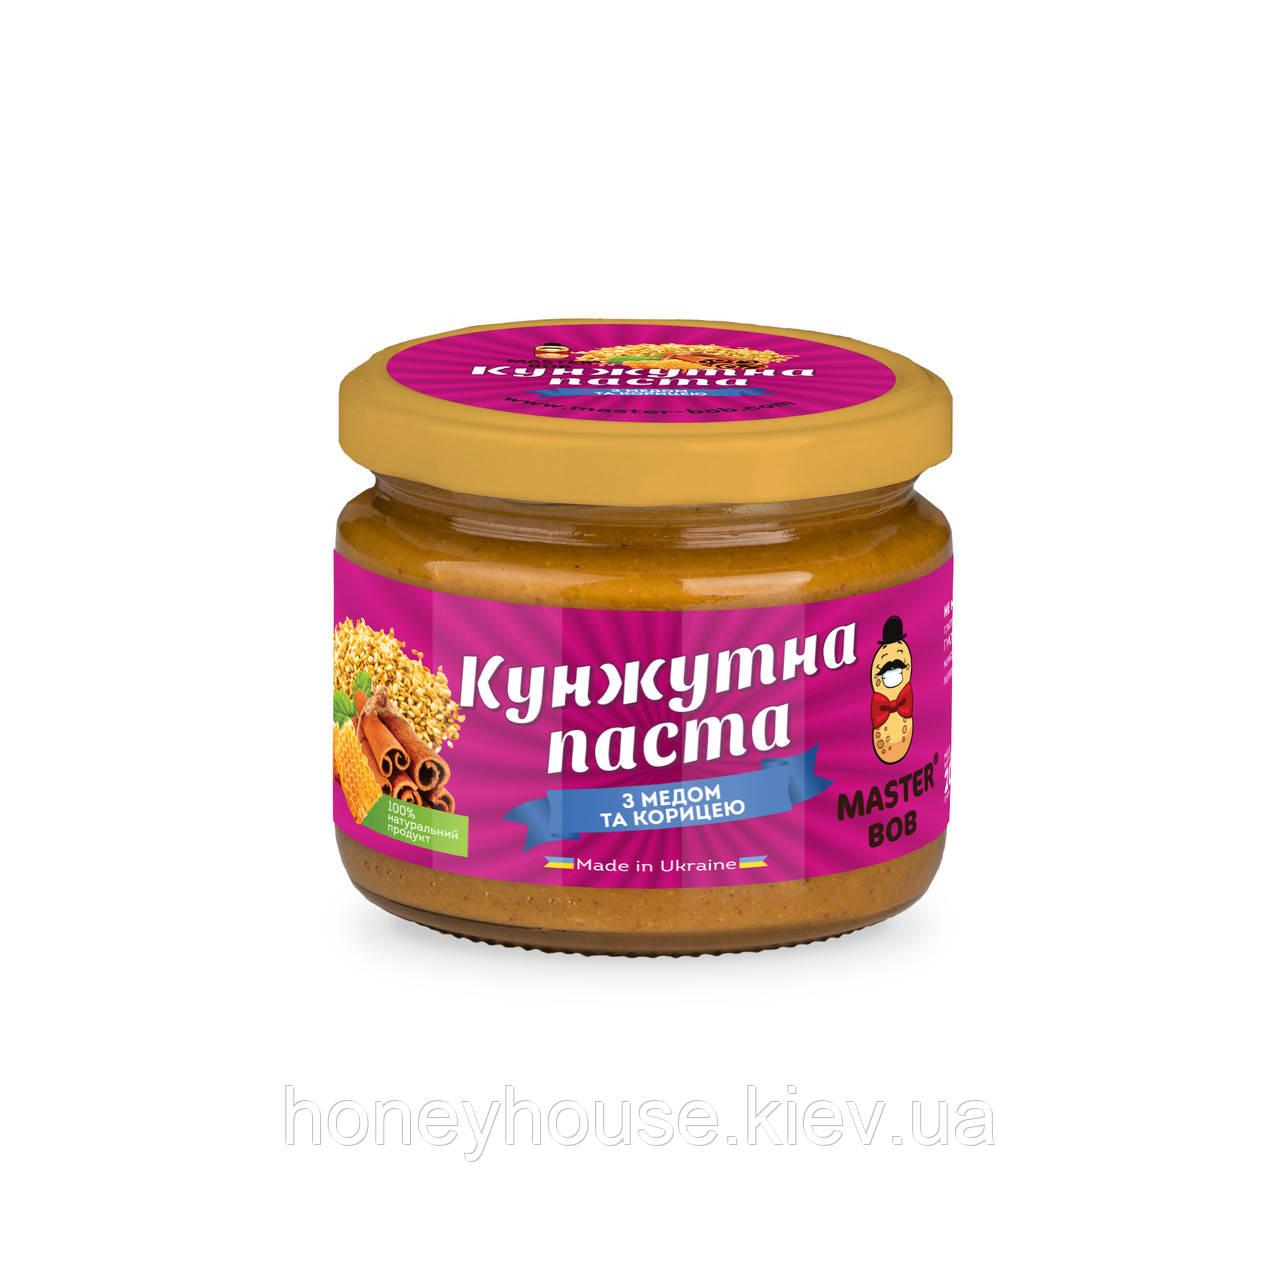 Паста кунжутная с медом и корицей ТМ Мастер Боб, 200гр